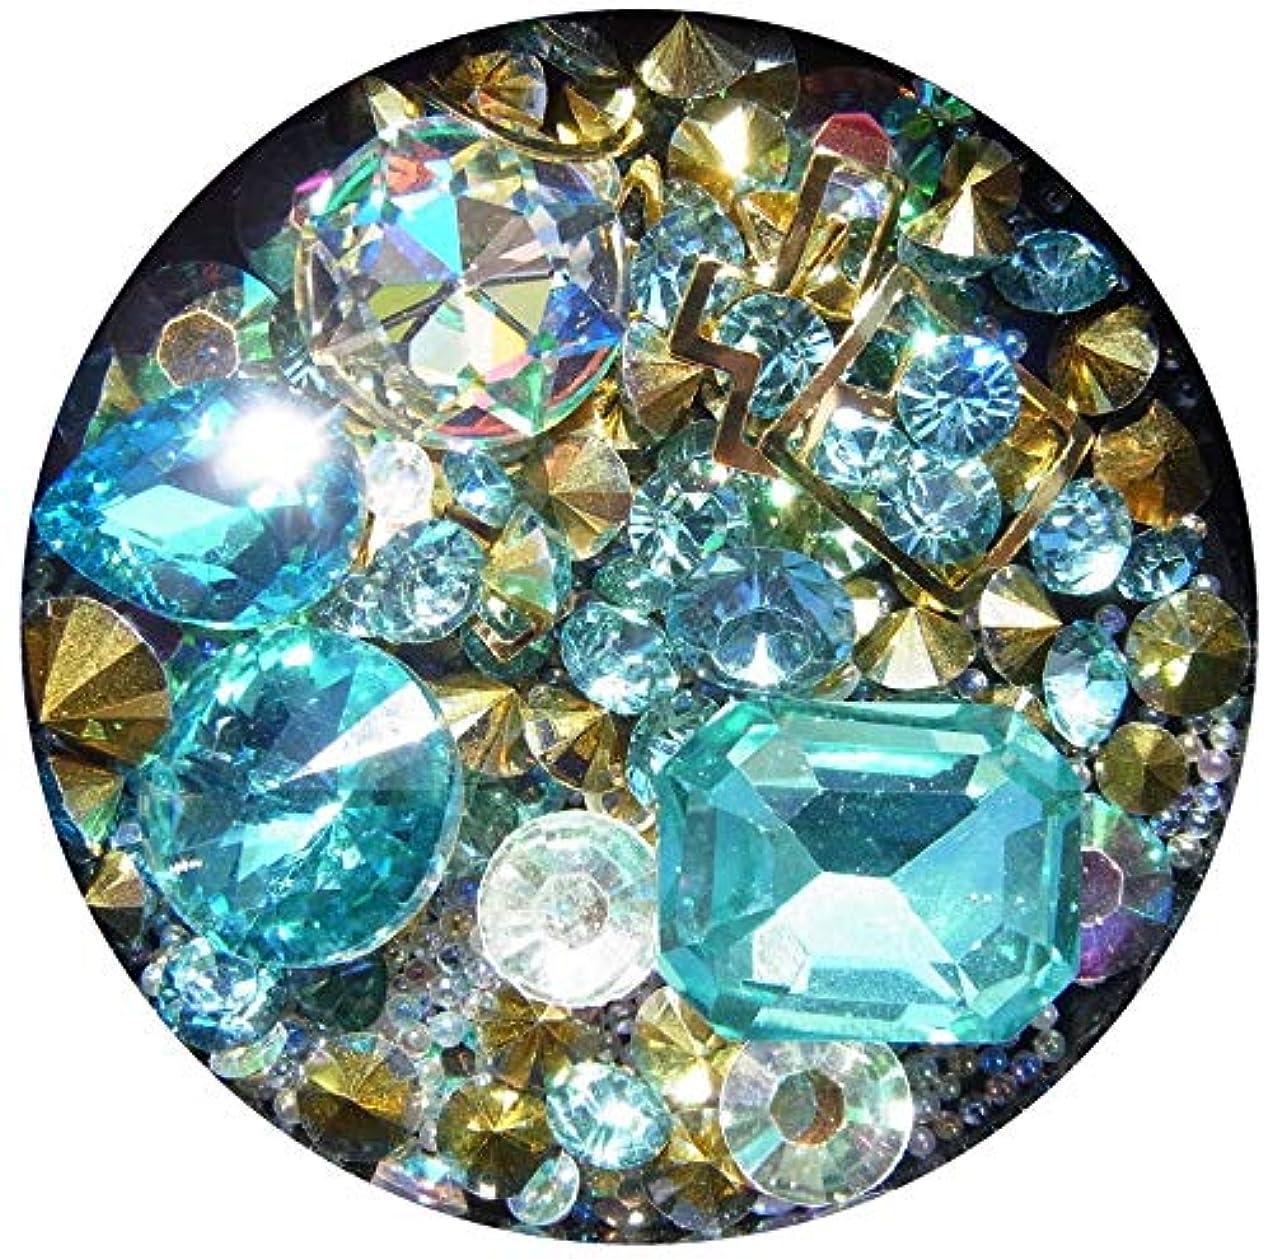 センサーパース相対性理論【jewel】メタルパーツ ミックス ラインストーン カーブ付きフレーム ゴールド ネイルアートパーツ レジン (4)